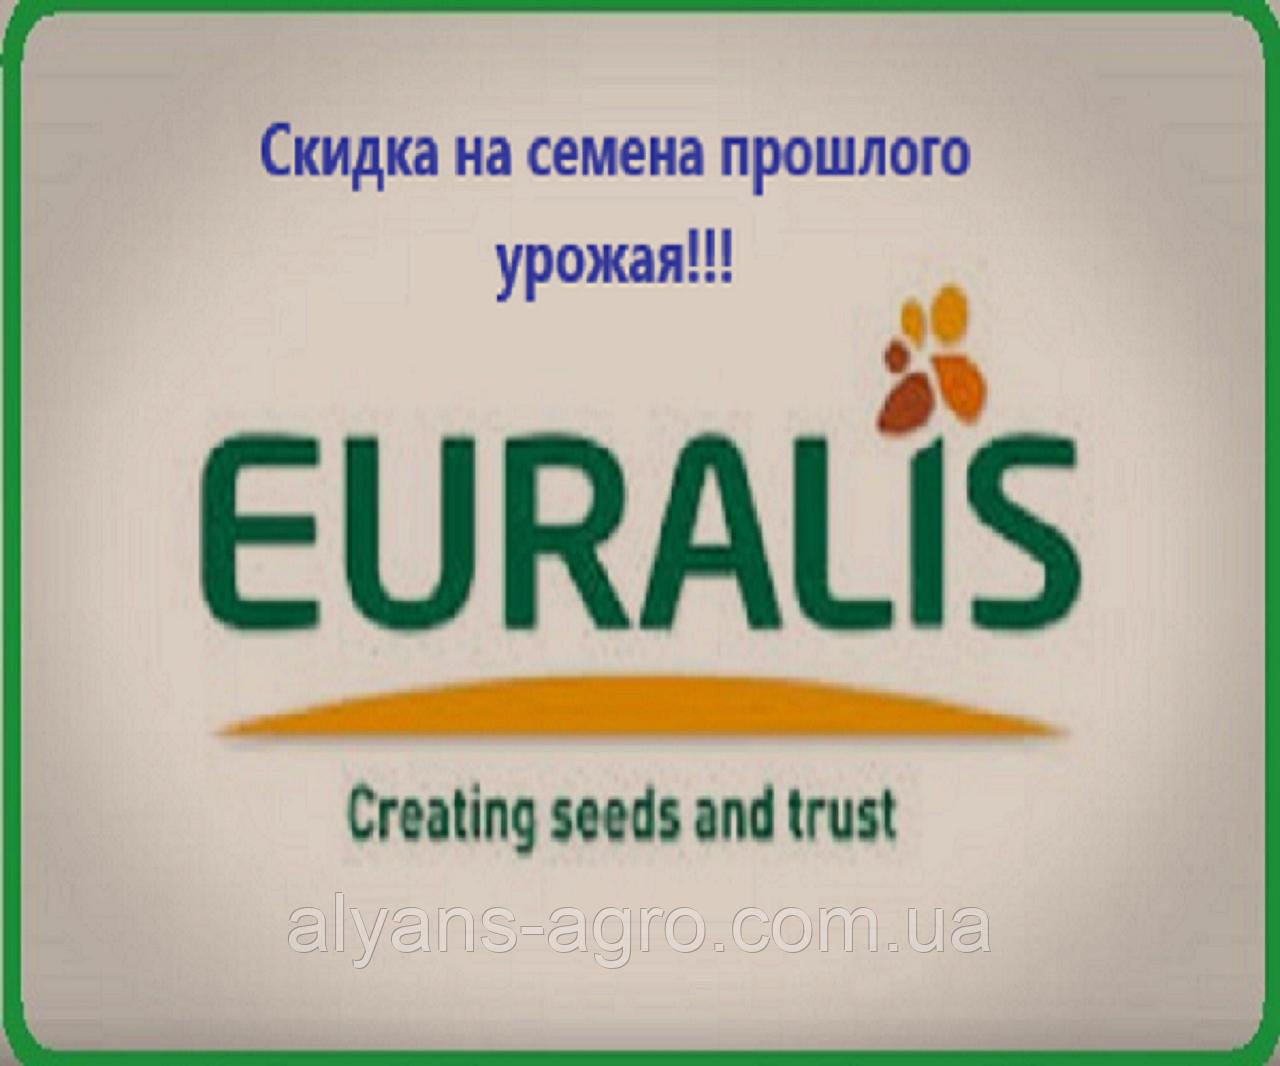 Янис Евралис (под Евролайтинг) семена подсолнечника